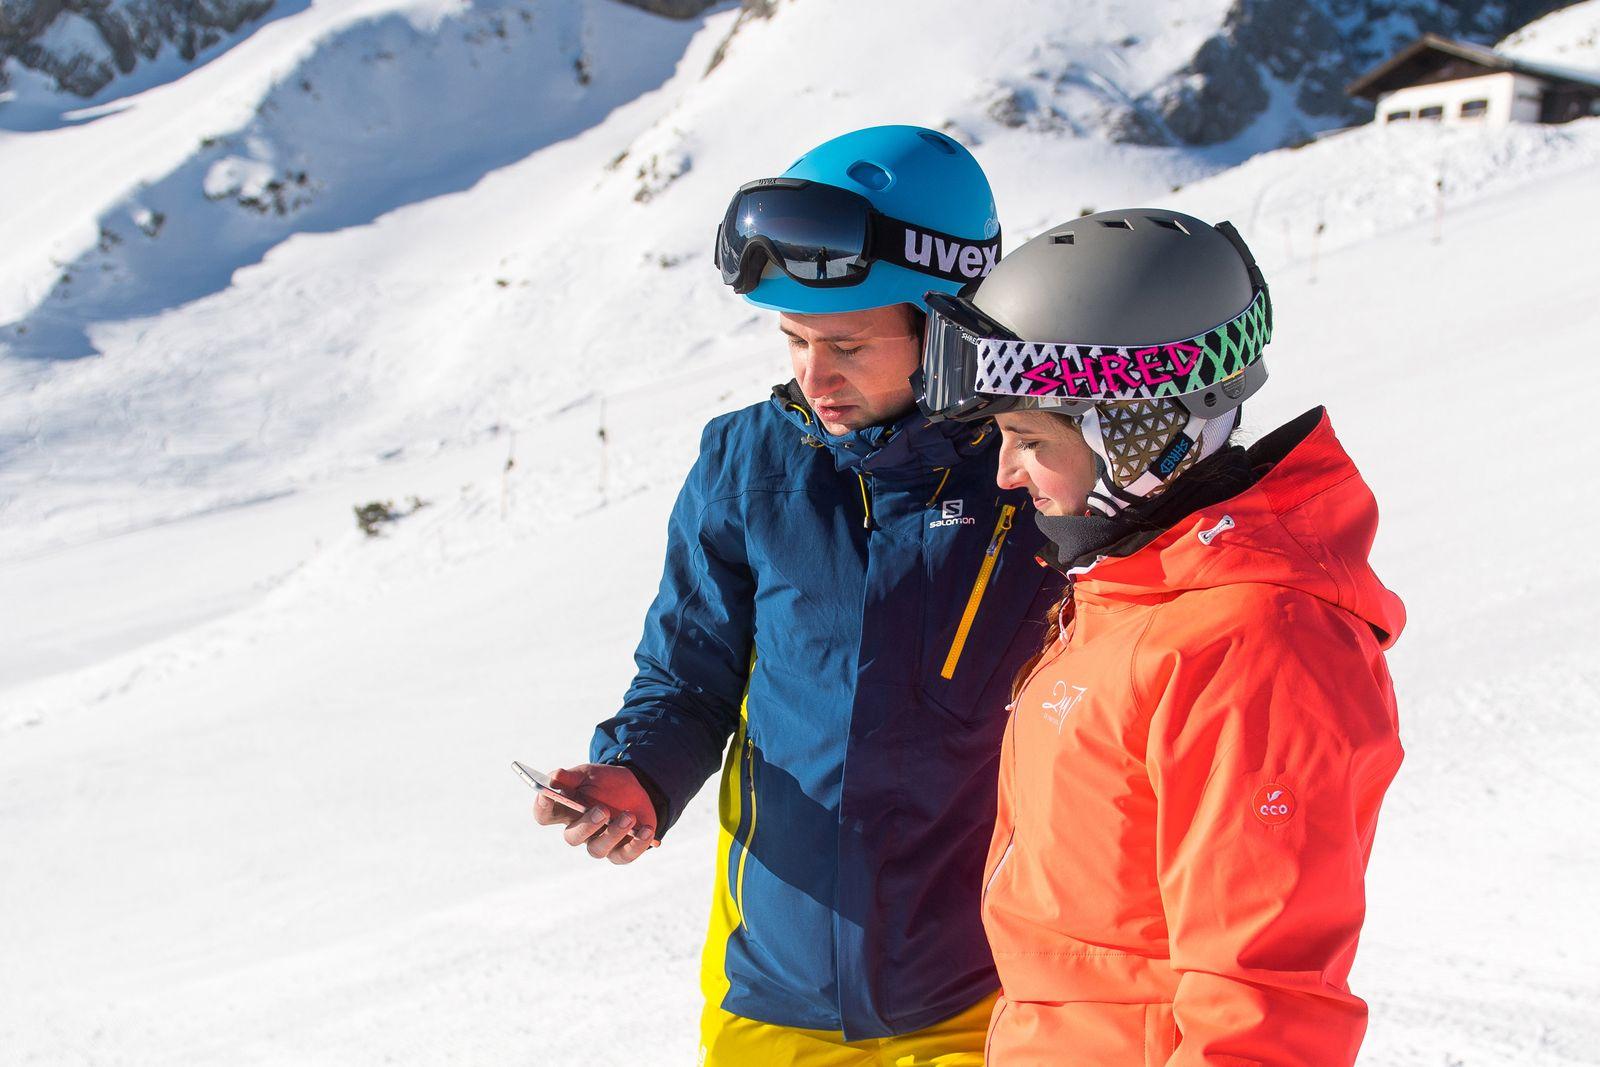 EINMALIGE VERWENDUNG Tracking, Pisten, Lawinen: Diese Apps brauchen Wintersportler